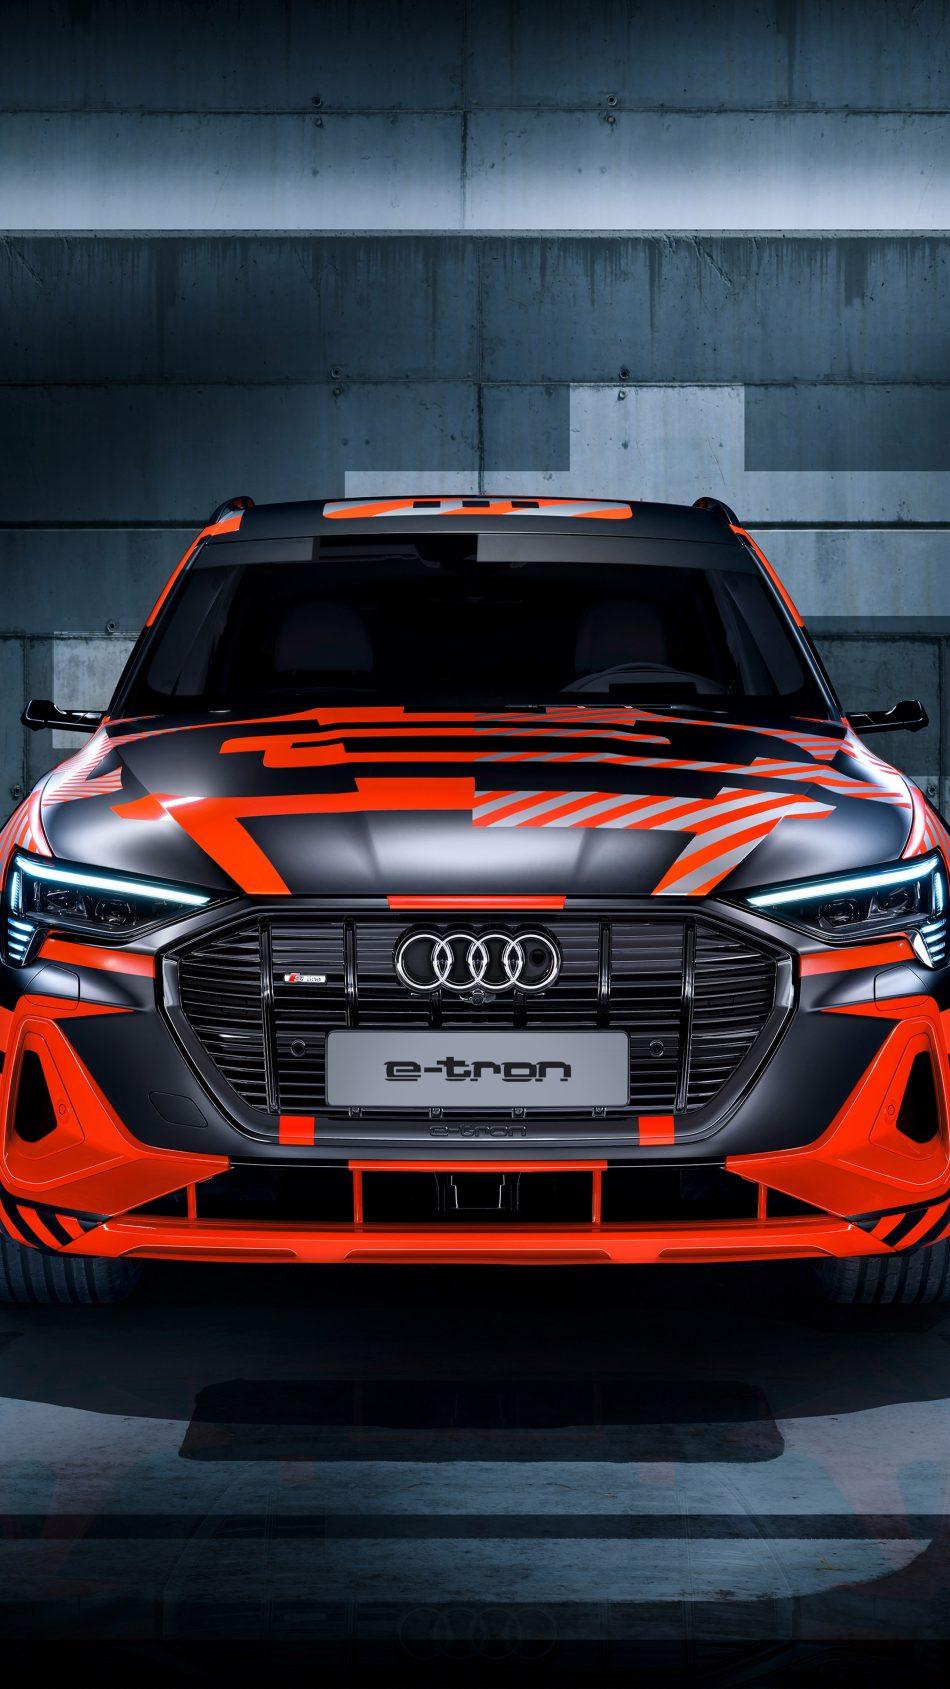 Audi E Tron Sportback Prototype Concept Cars 4k Ultra Audi E Tron Sportback 950x1689 Wallpaper Teahub Io